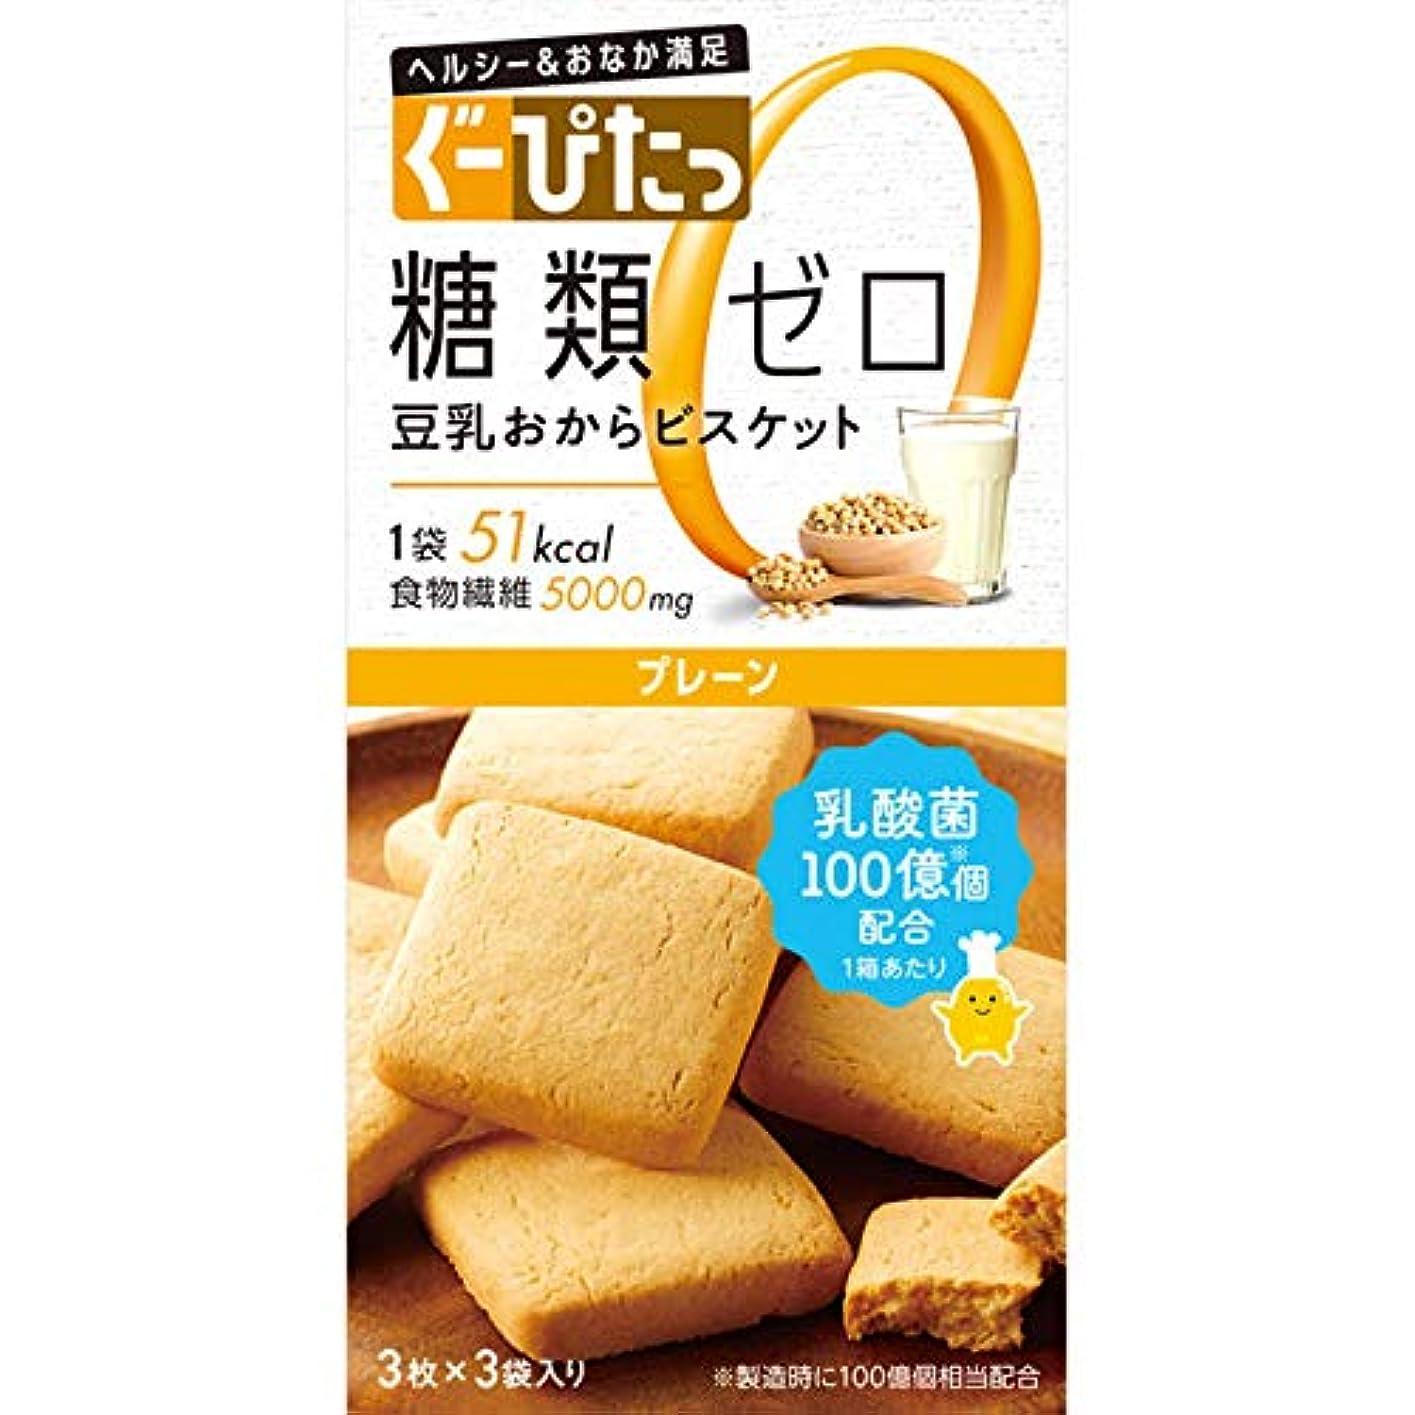 オーブン相対的暴力ナリスアップ ぐーぴたっ 豆乳おからビスケット プレーン (3枚×3袋) ダイエット食品